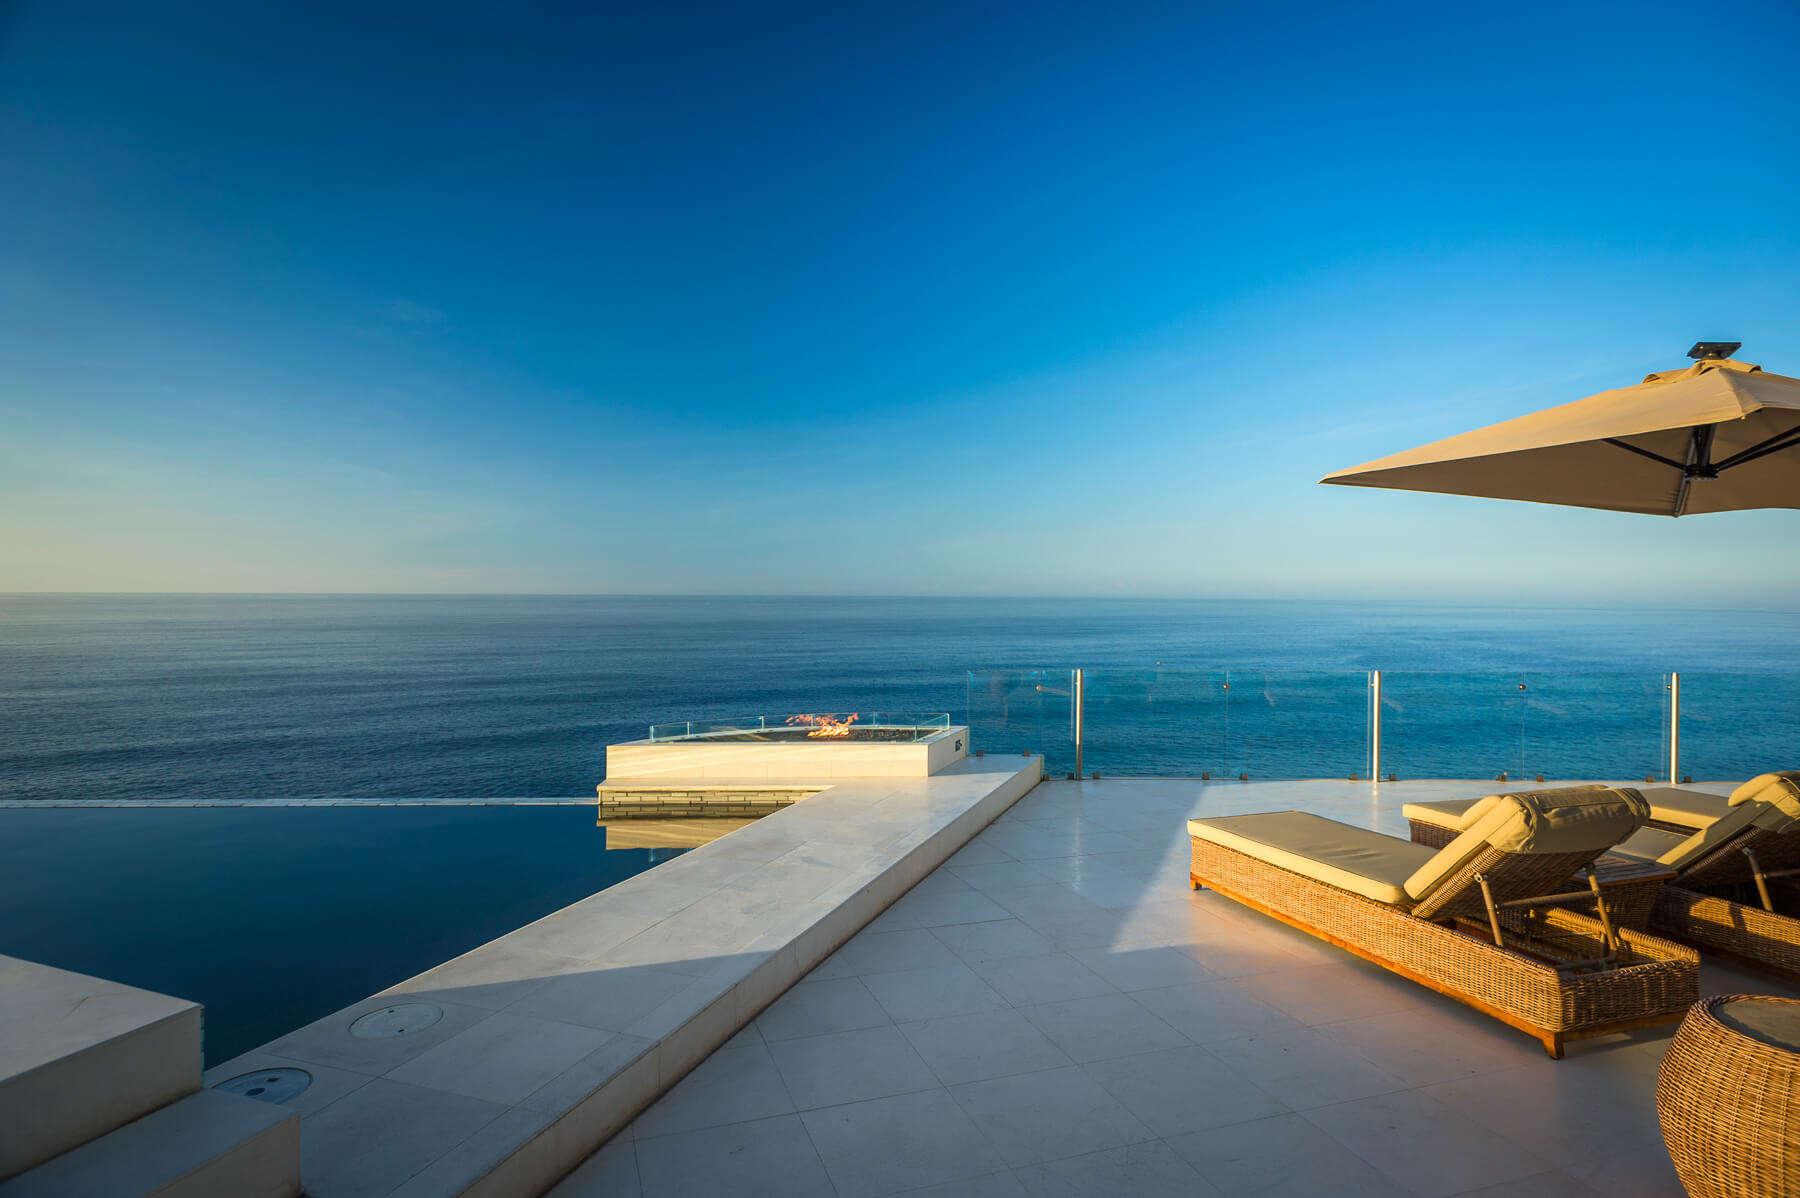 Luxury vacation rentals mexico - Los cabos - Cabo - Pedregal - Villa Lands End - Image 1/19